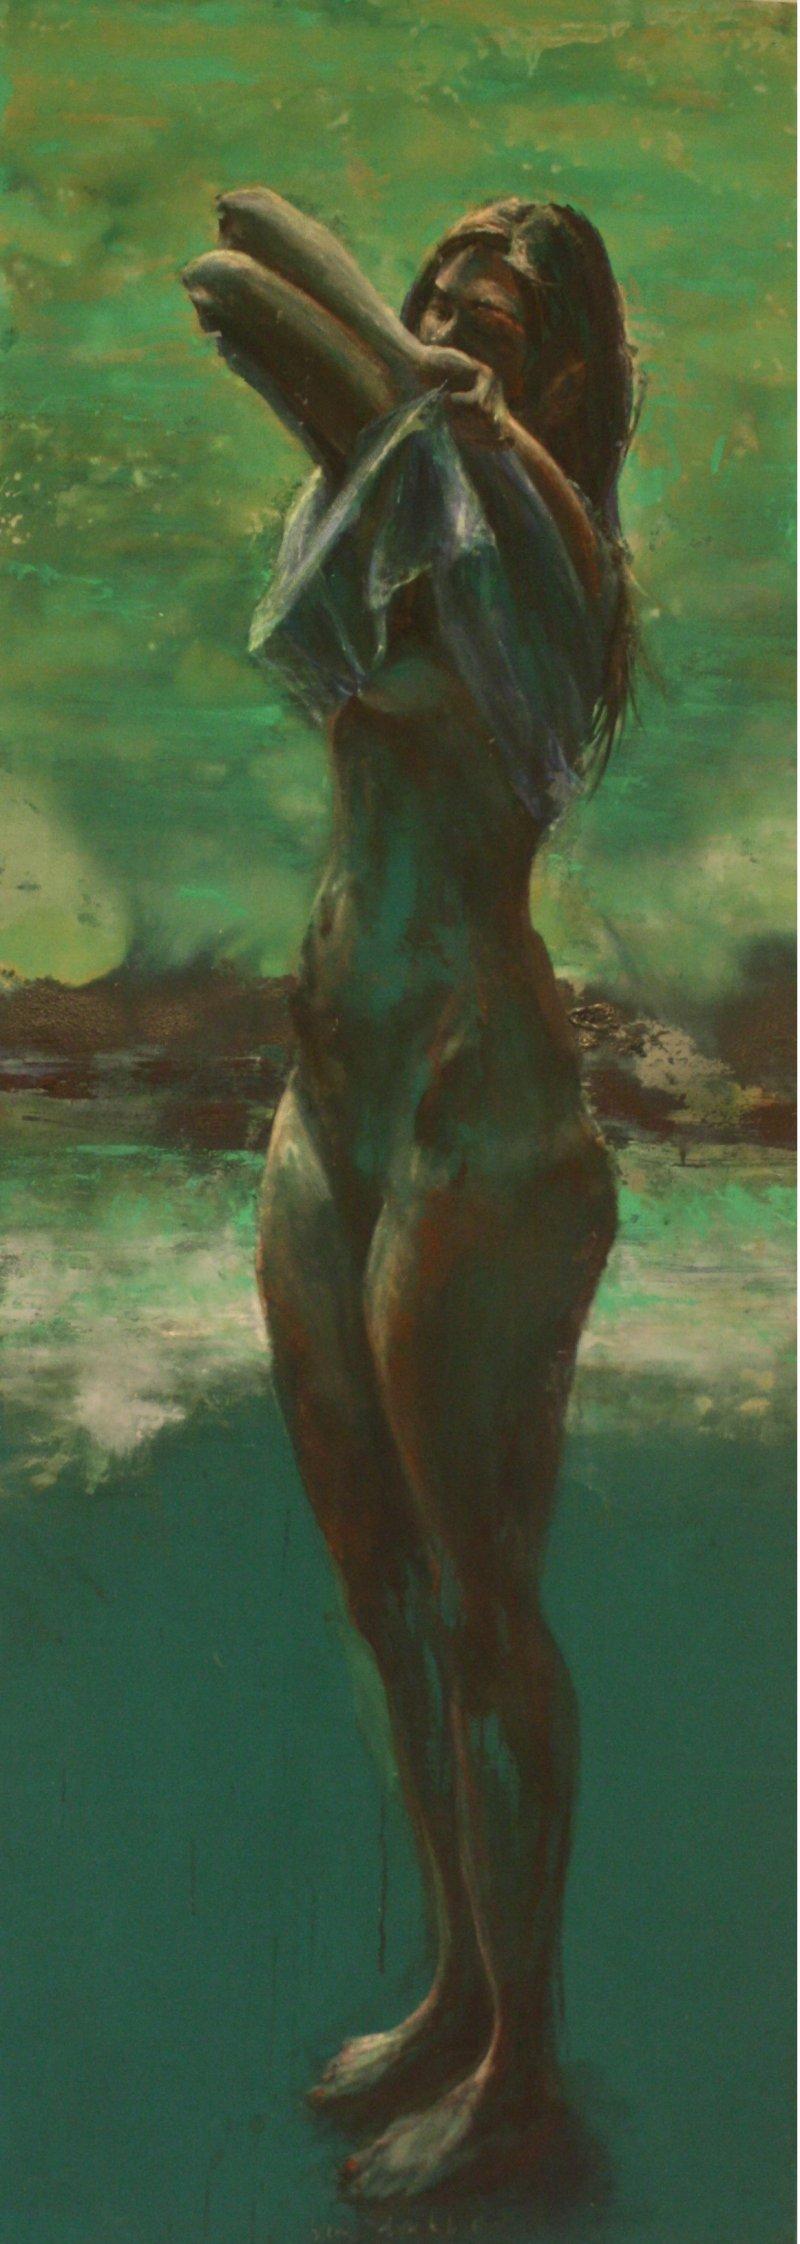 Vrouw in groen landschap